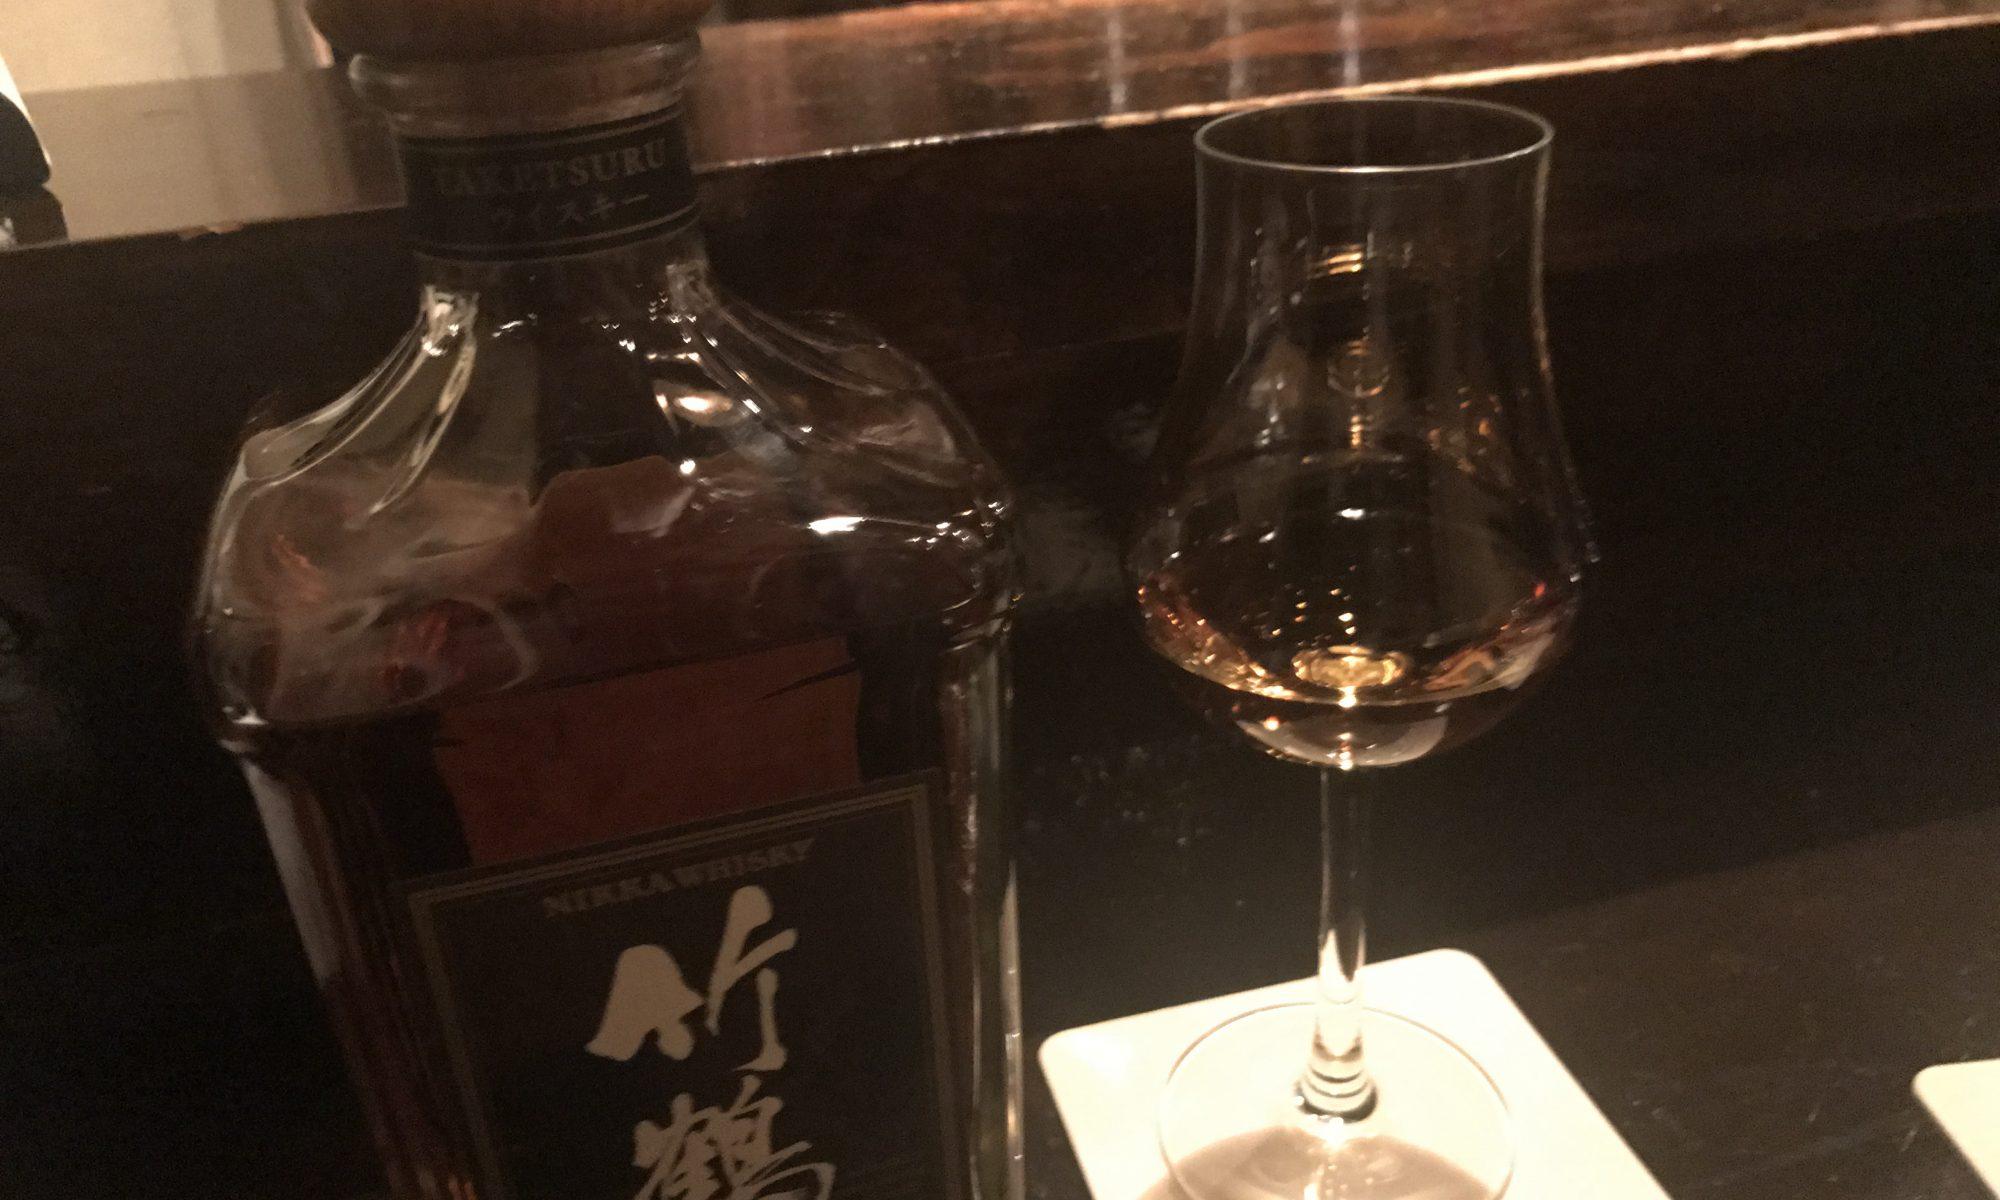 竹鶴12年 bar atrium ginza